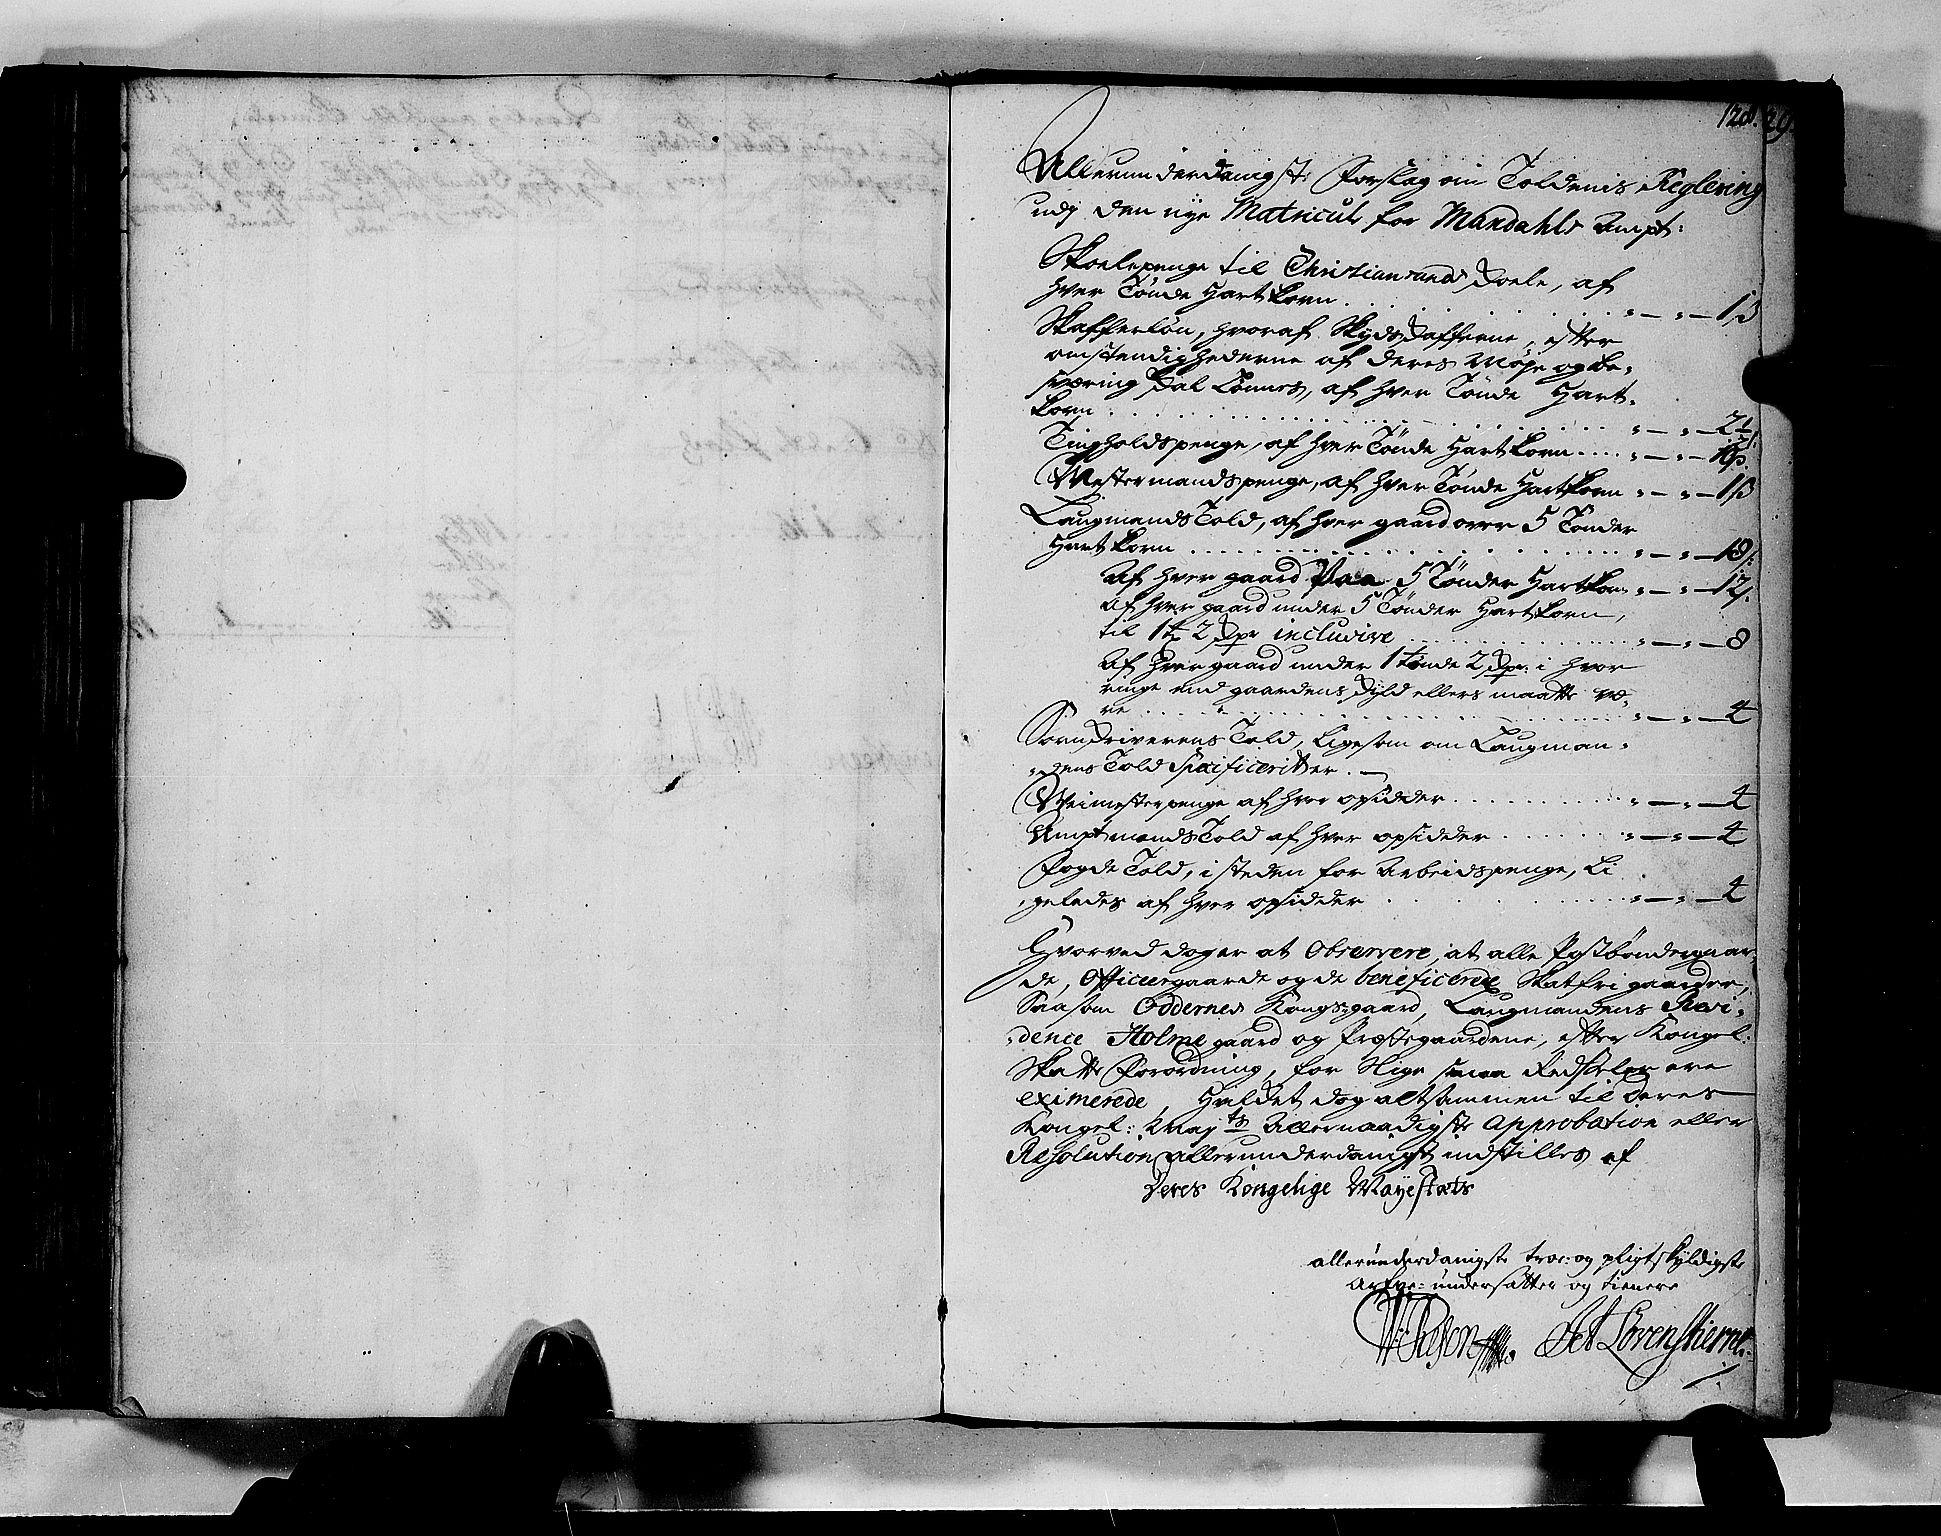 RA, Rentekammeret inntil 1814, Realistisk ordnet avdeling, N/Nb/Nbf/L0128: Mandal matrikkelprotokoll, 1723, s. 127b-128a